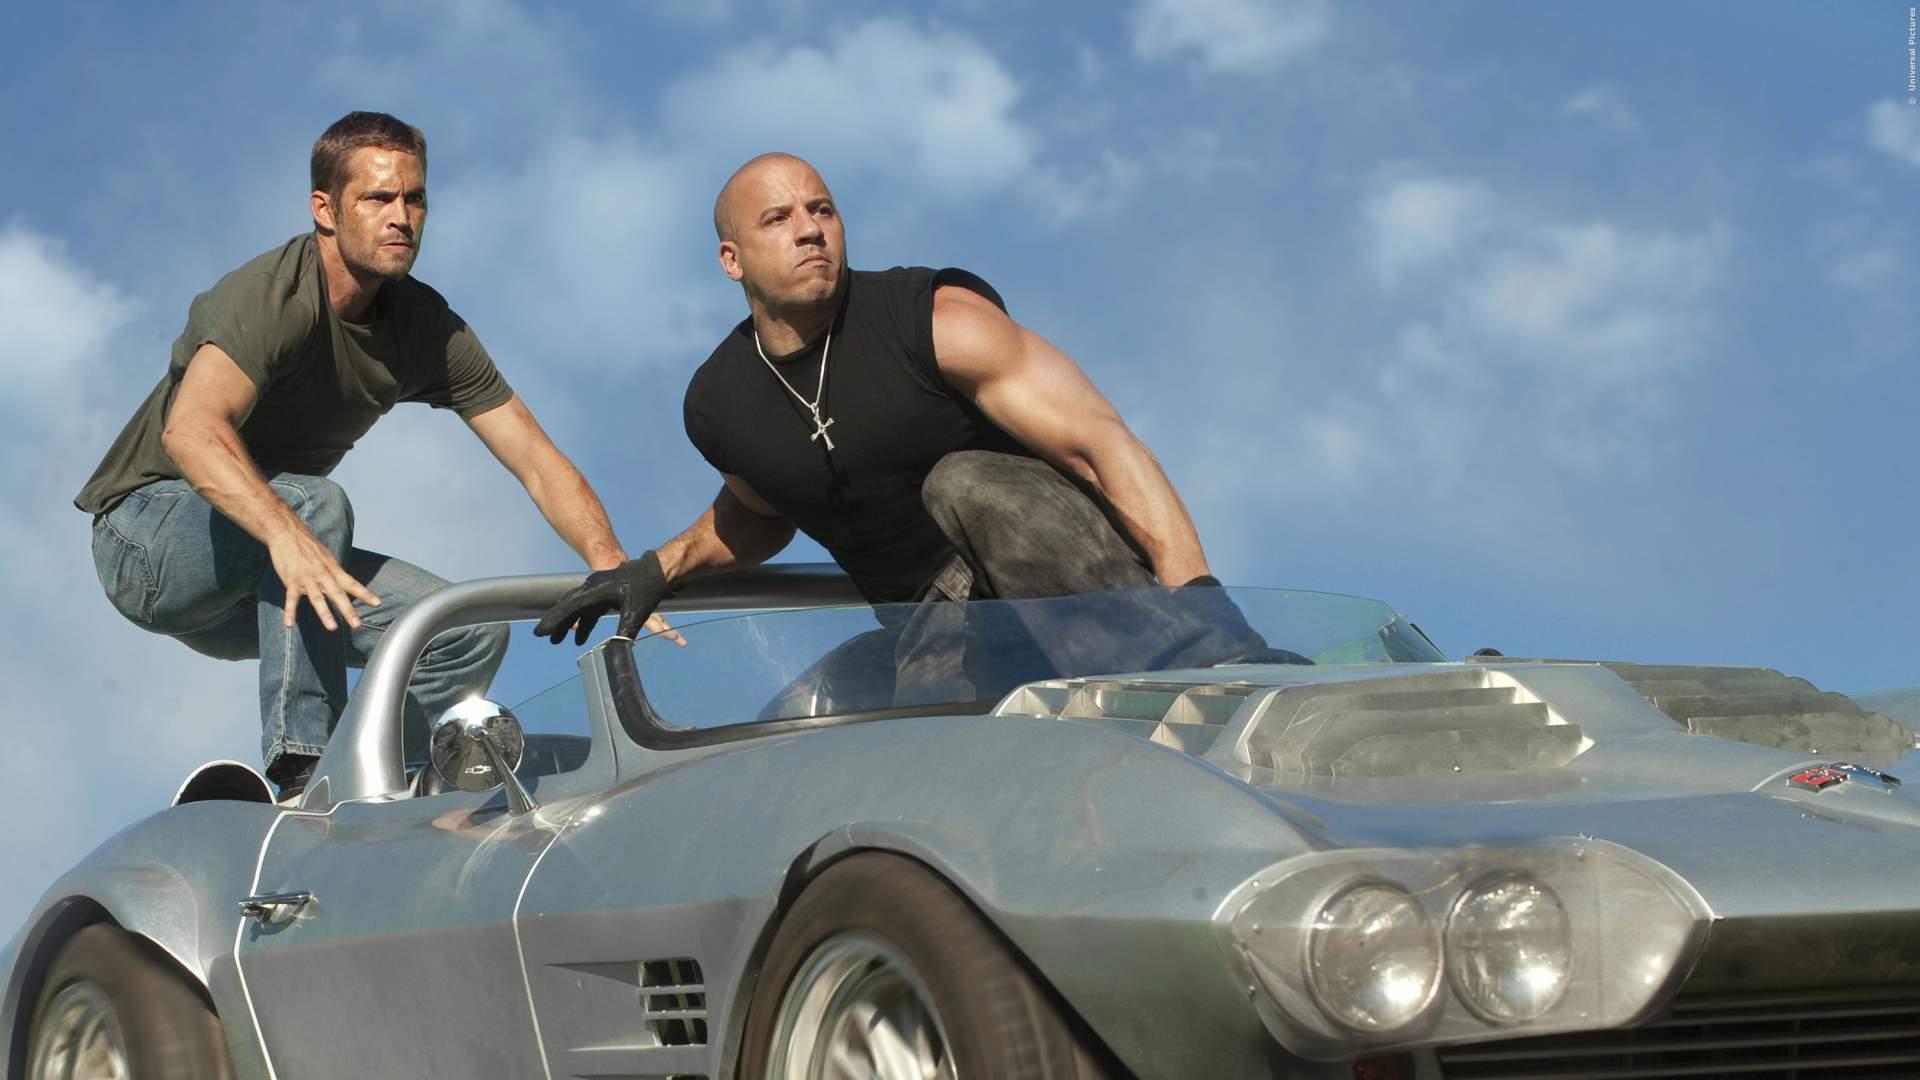 Vin Diesel in Fast and Furious - Bild 7 von 12